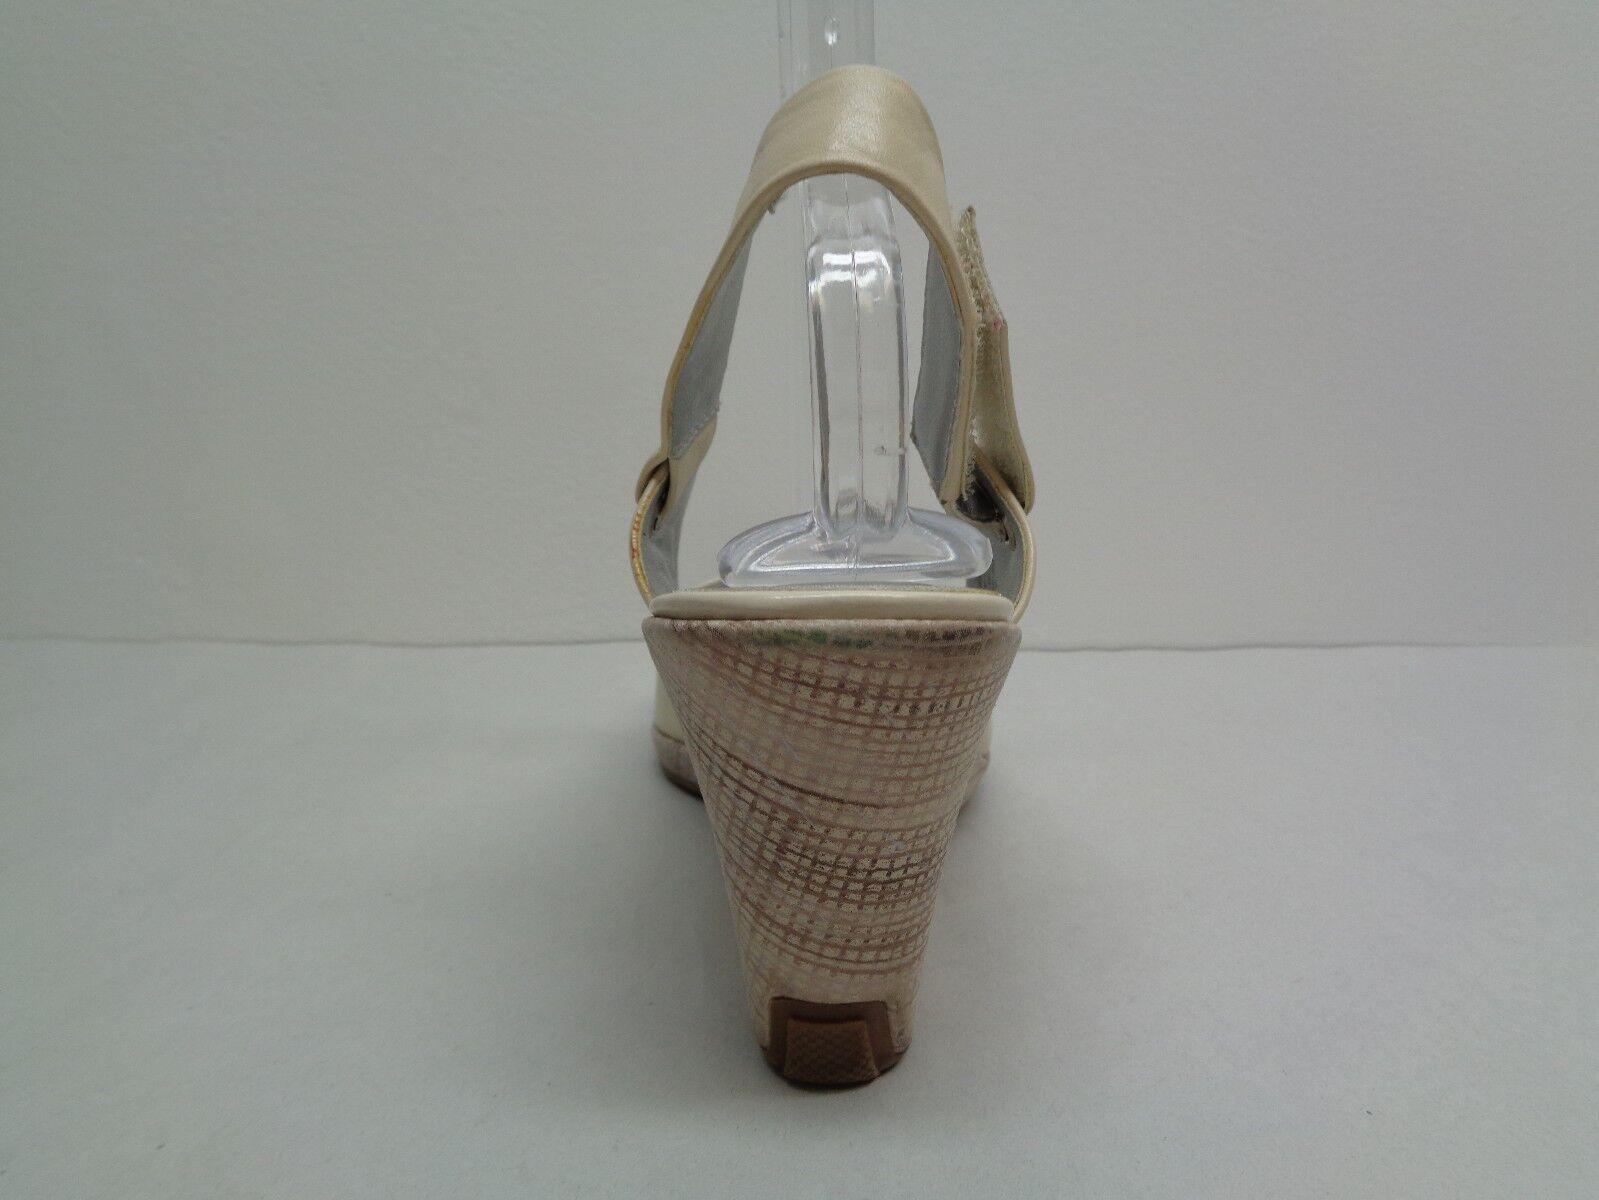 Kenneth Golpe Cole Talla 10 Let it Golpe Kenneth De Cuero blancoo Cuña Sandalias nuevo Zapatos para mujer d22f3e